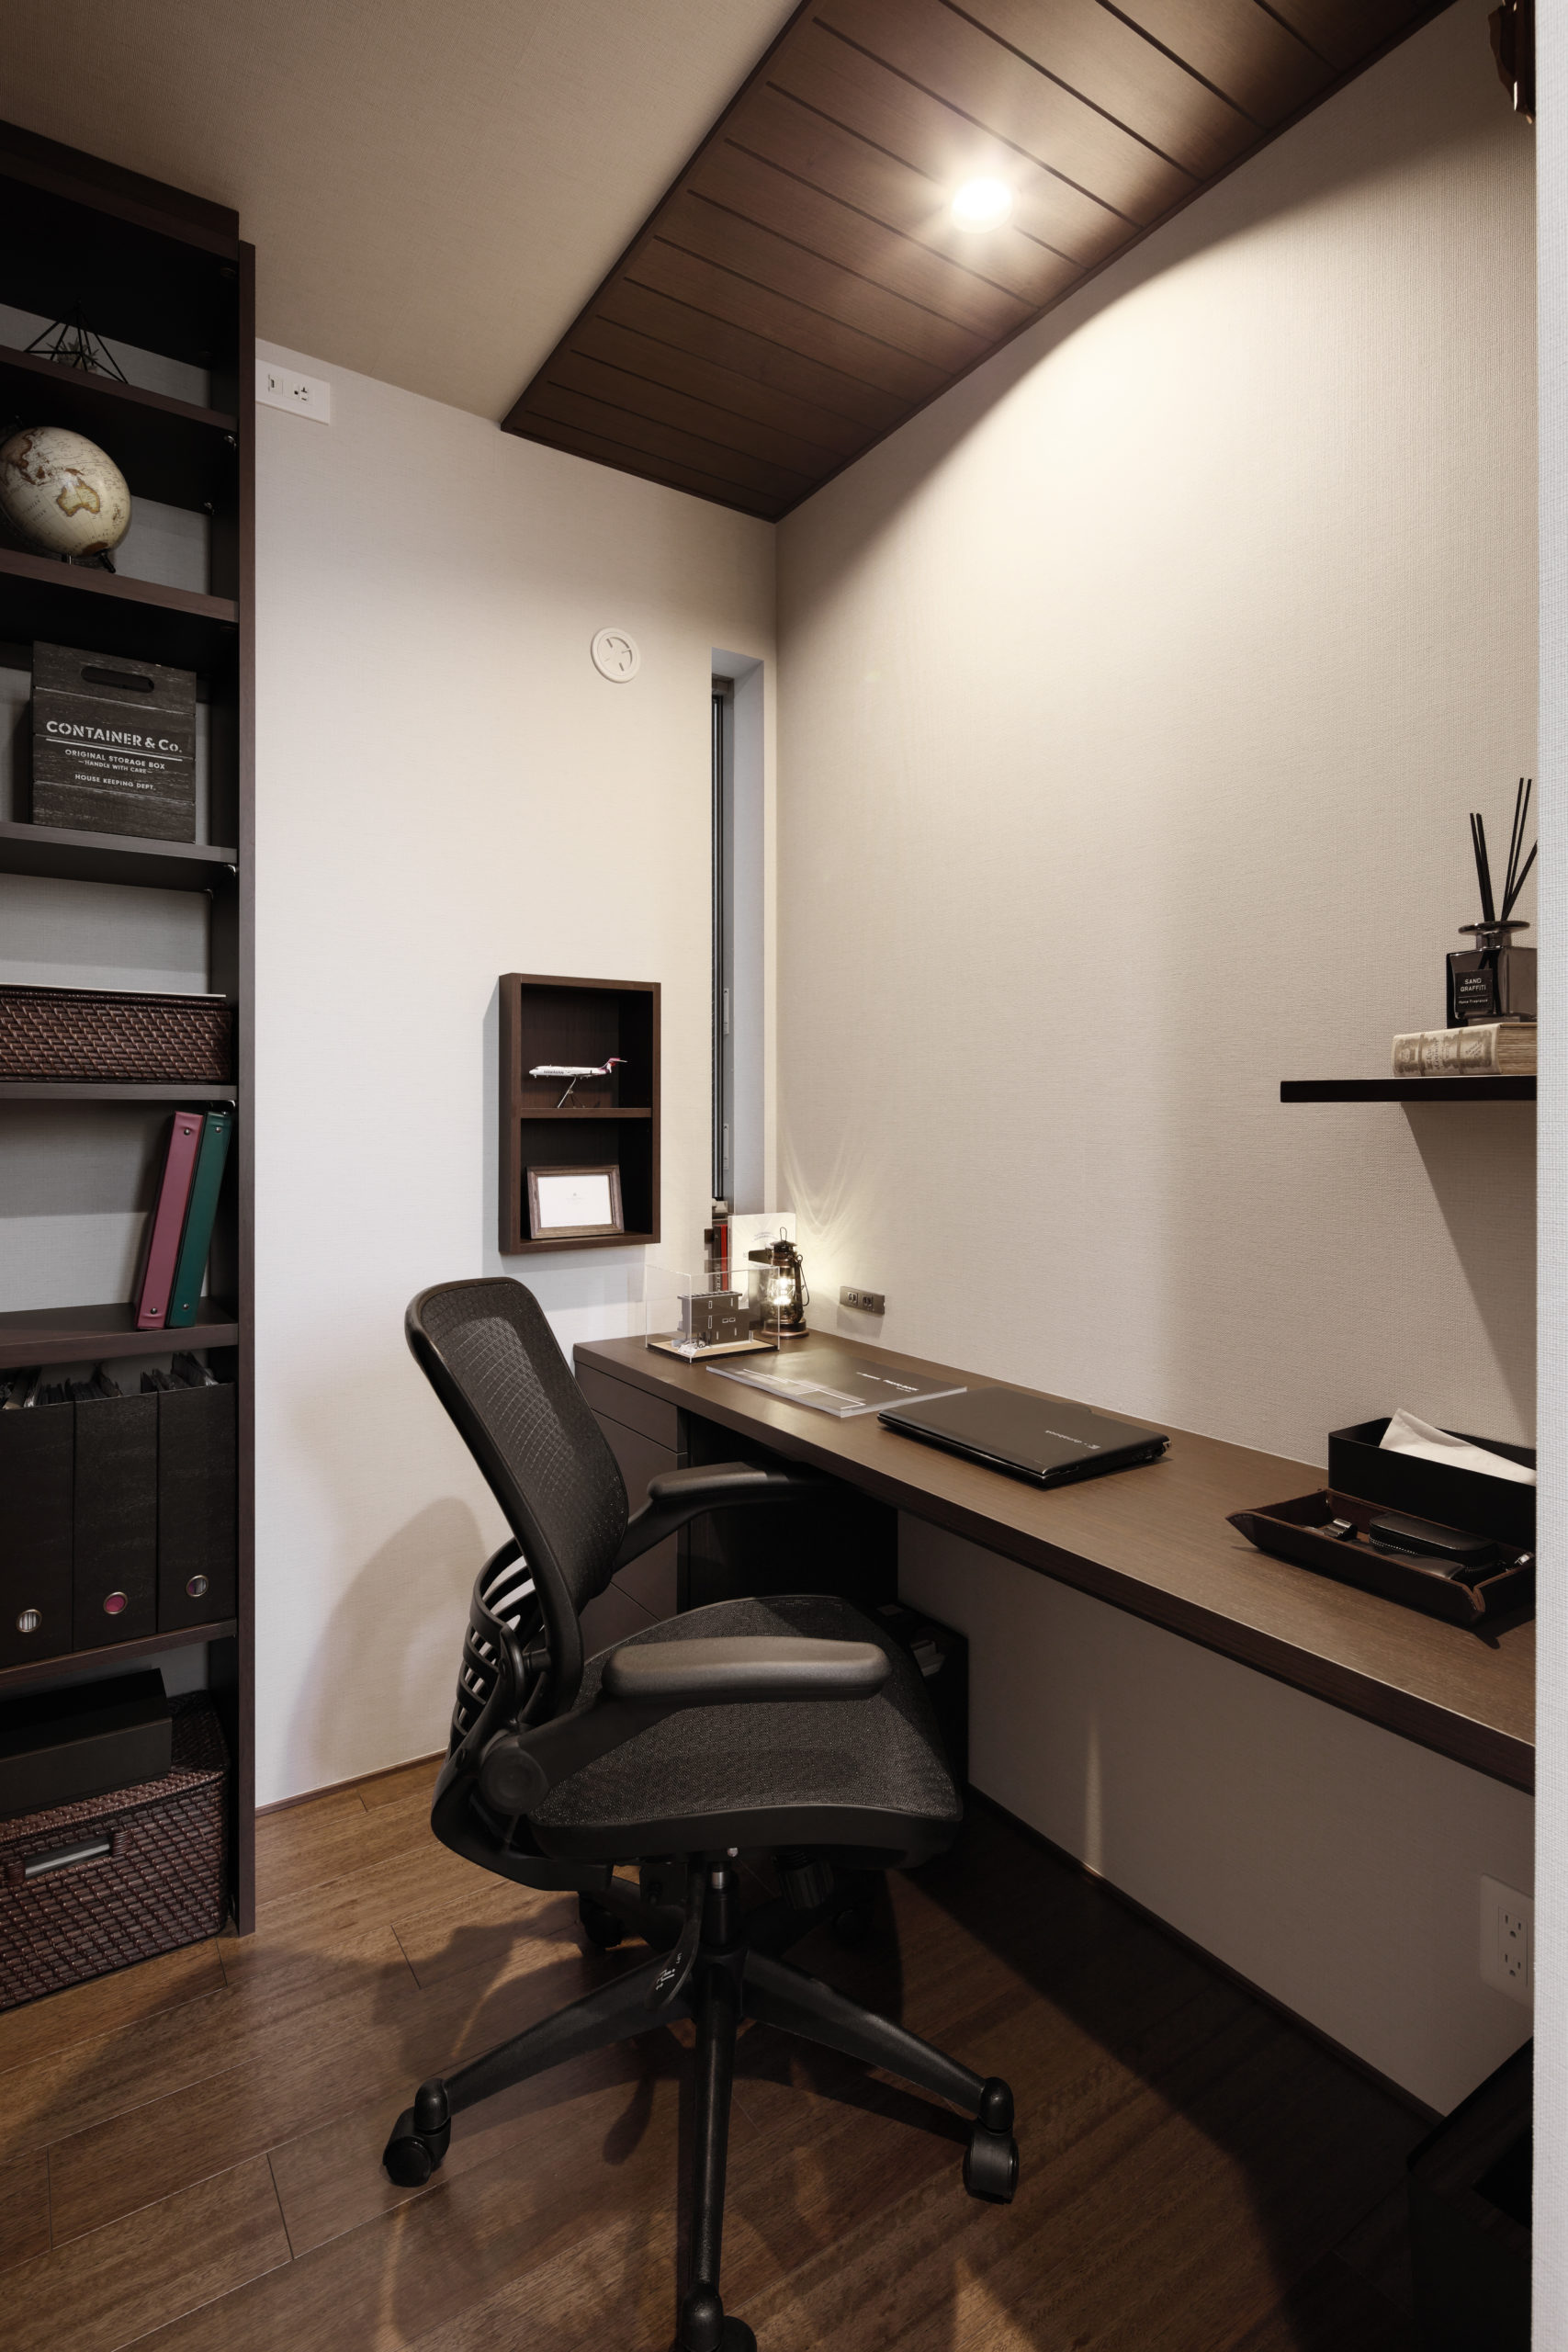 書斎は木貼り天井・本棚・壁埋め込み収納と作りつけのデスクをご採用頂きました